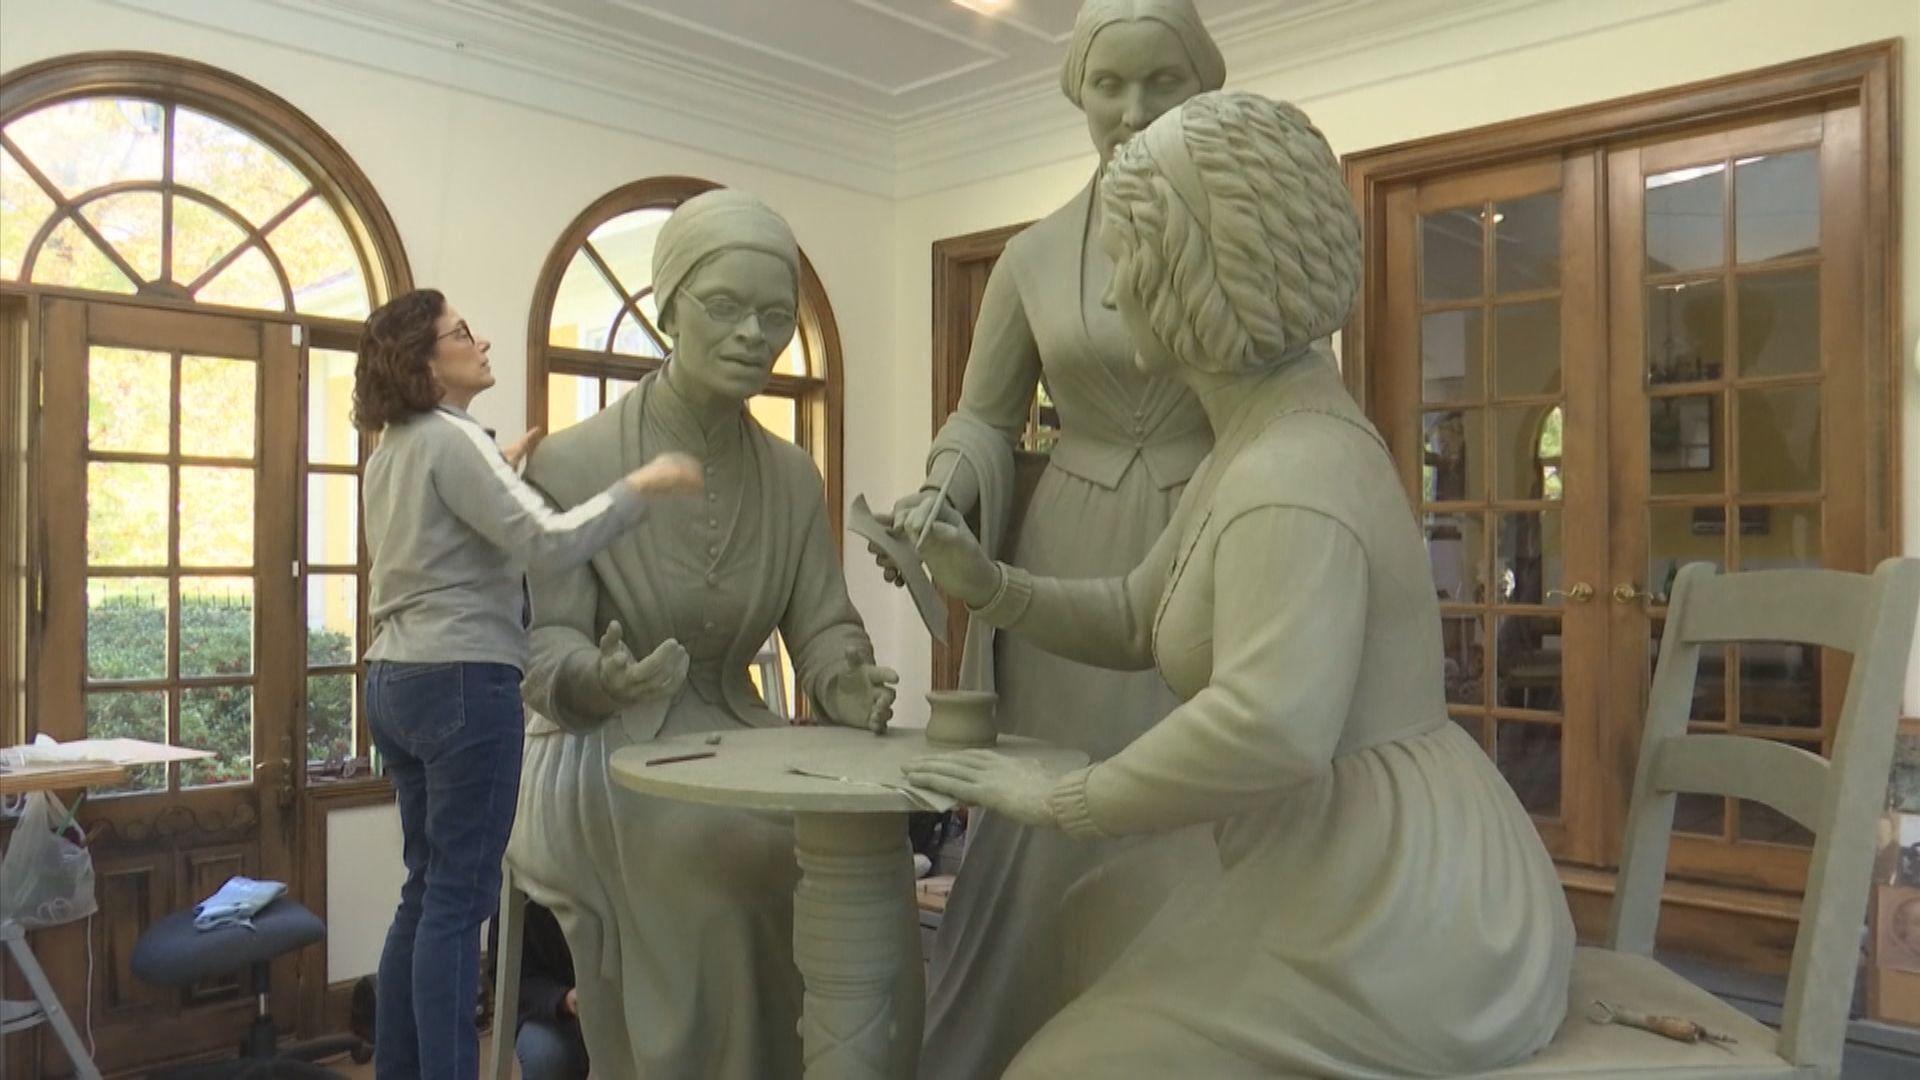 【環球薈報】美紐約中央公園首豎立女性雕像